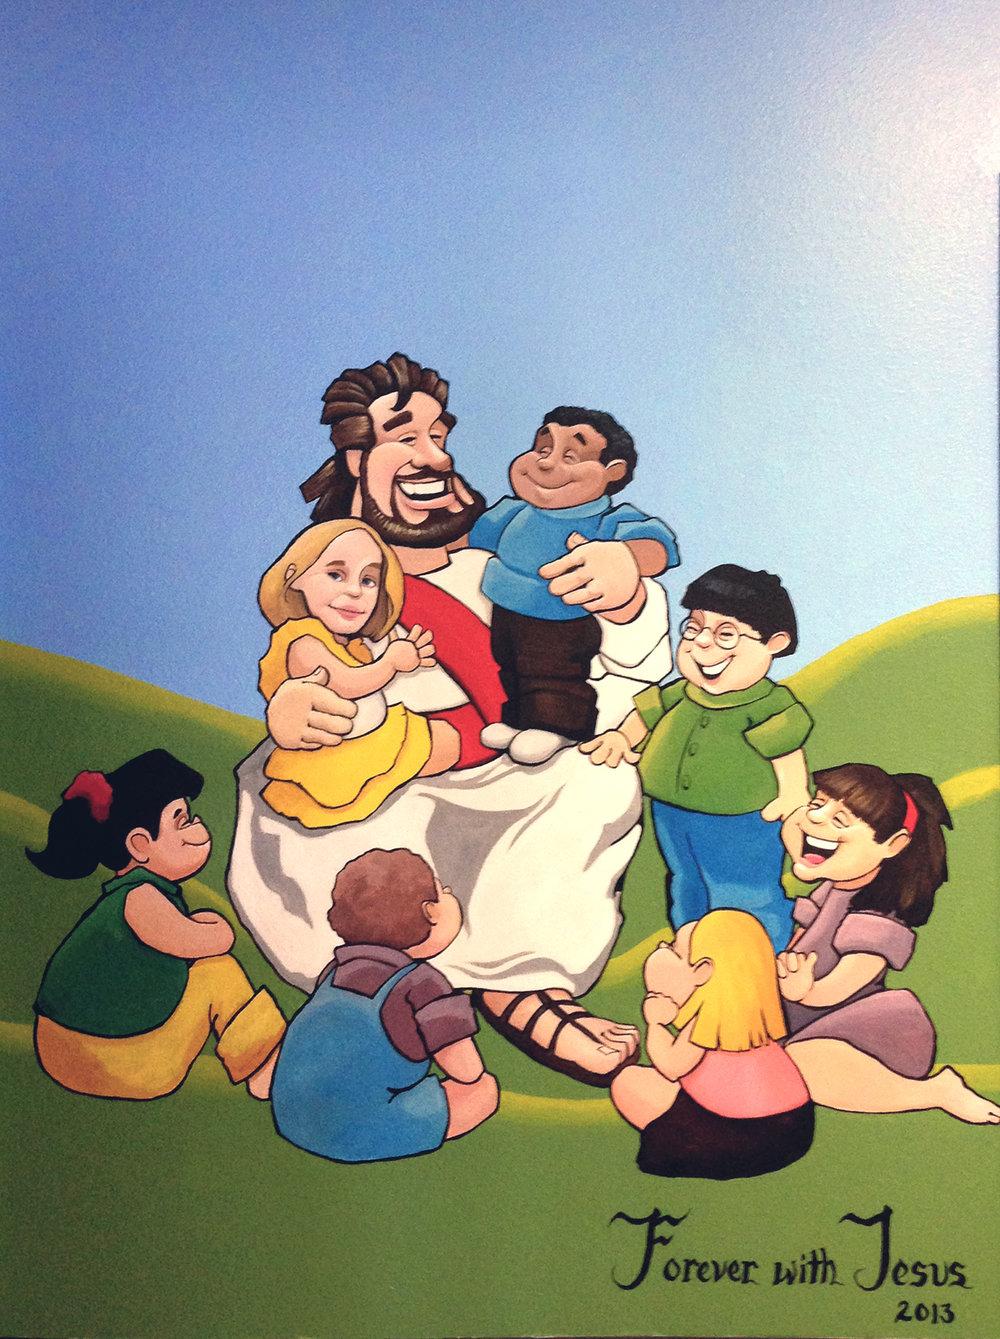 Jesus & kids